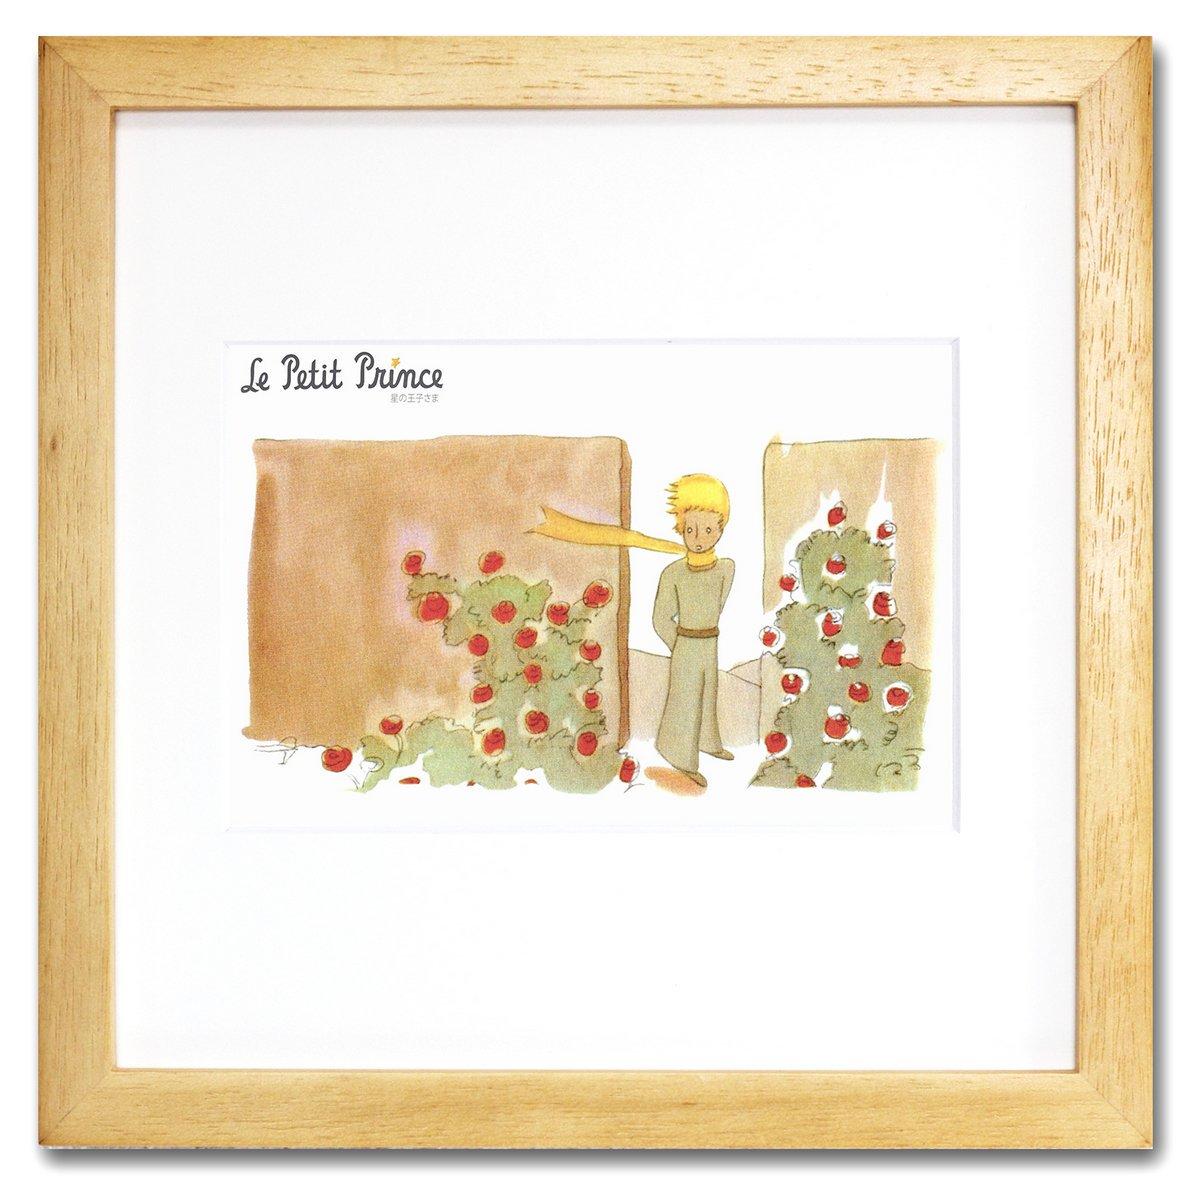 絵画 絵本フレーム 星の王子さま バラの庭と王子さま 金ぱく加工 ナチュラルフレーム 壁掛け 立てかけ ジクレー版画